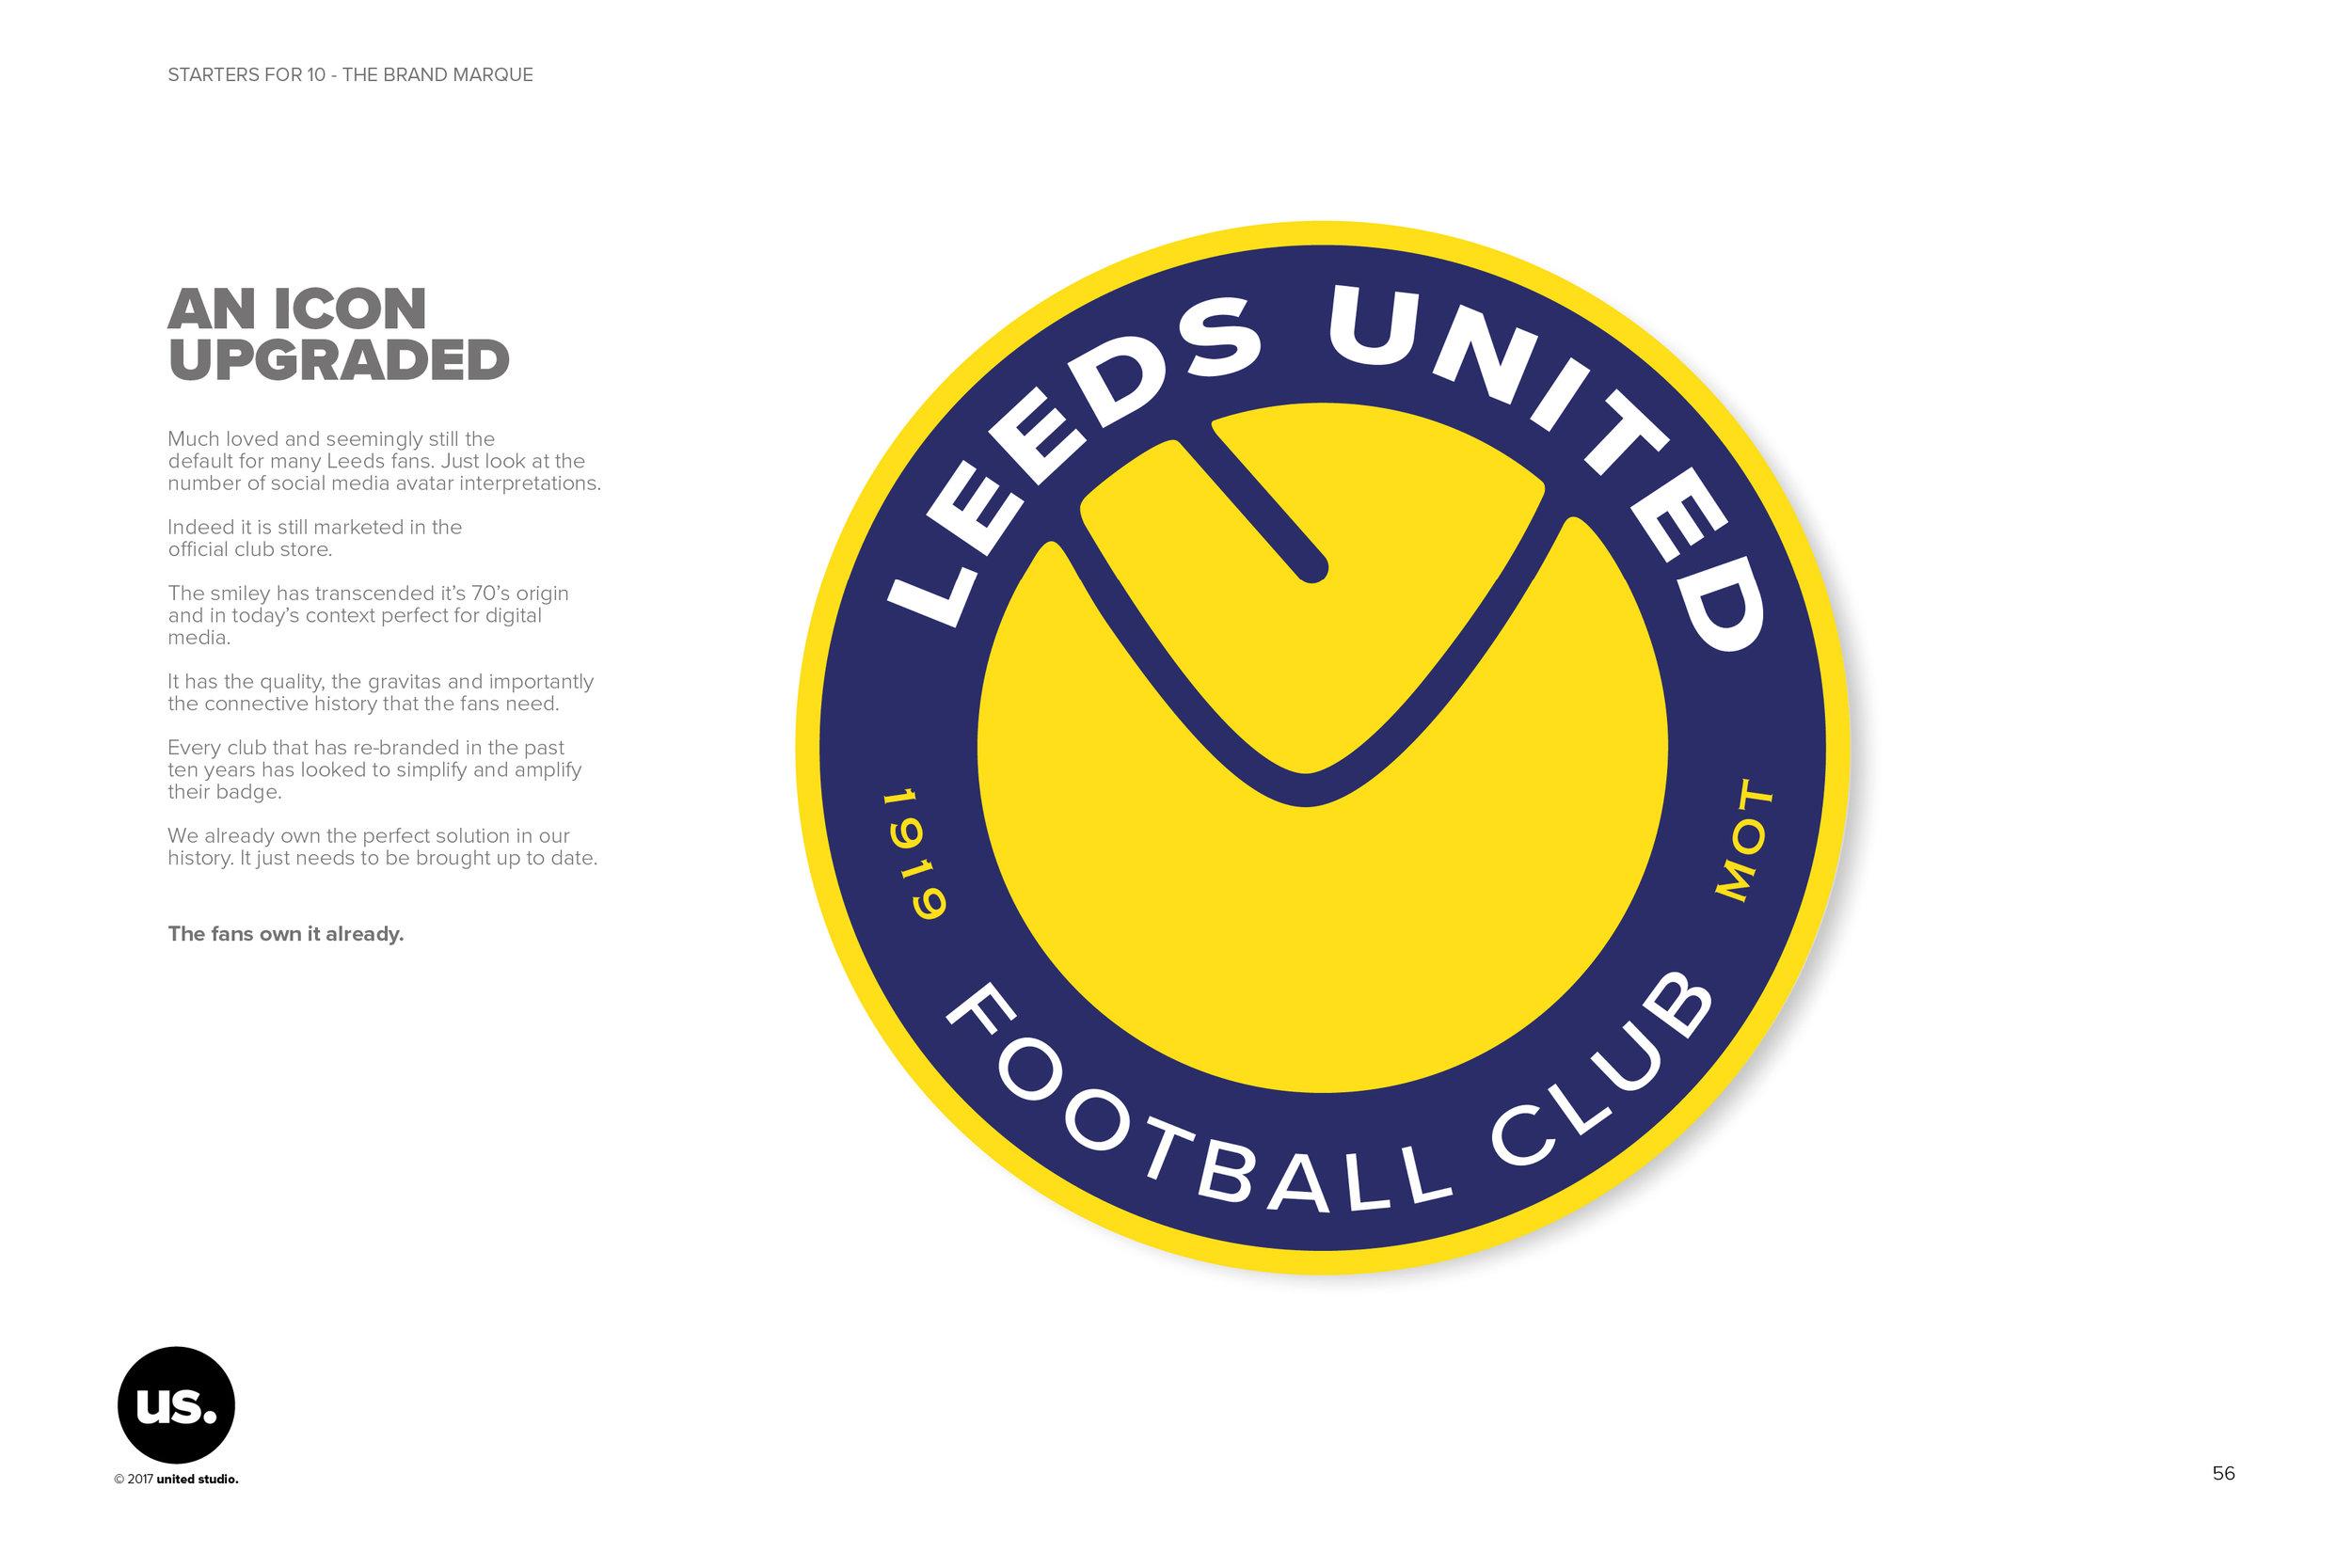 LUFC_united_studio_v23b56.jpg